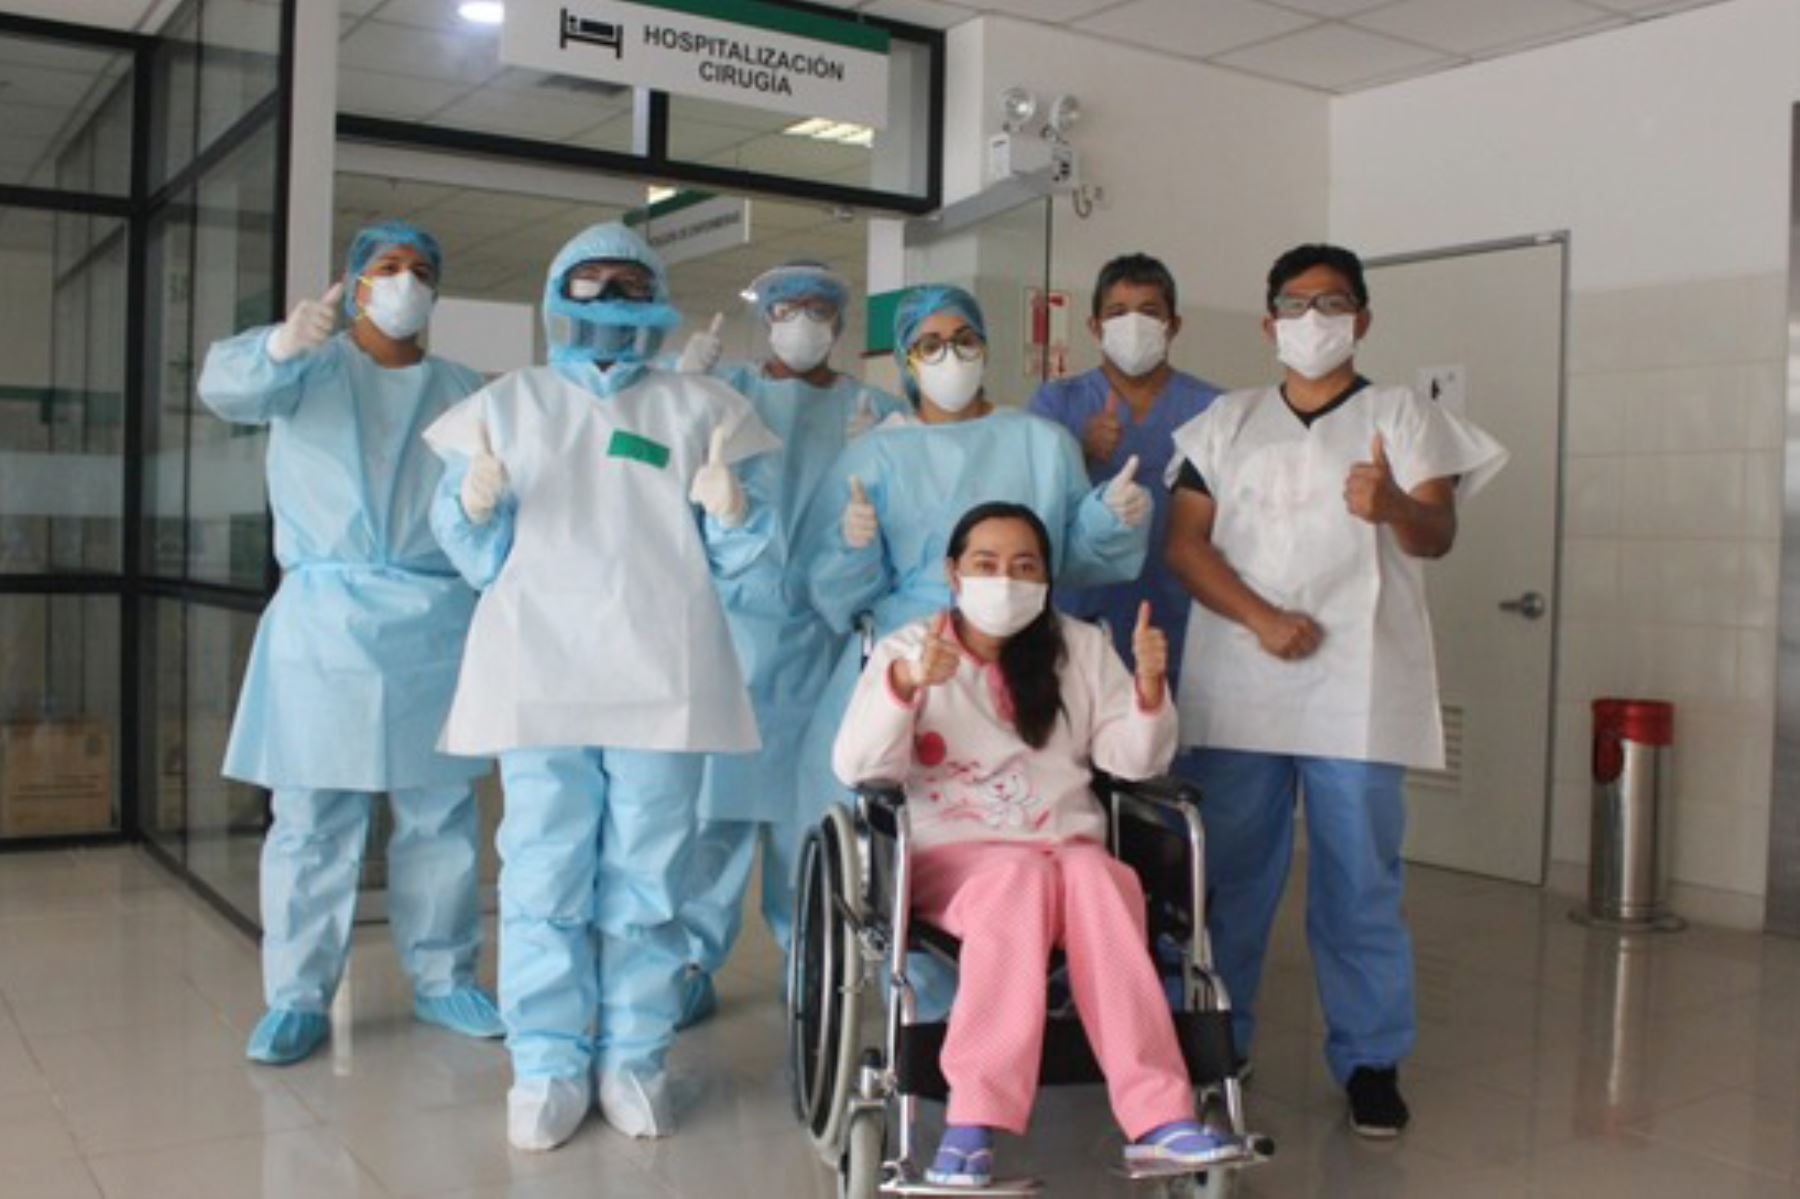 Zulmy dio 15 días de intensa batalla contra el covid-19 en el Hospital Emergencia Ate Vitarte y logró vencer la enfermedad. Foto: ANDINA/Difusión